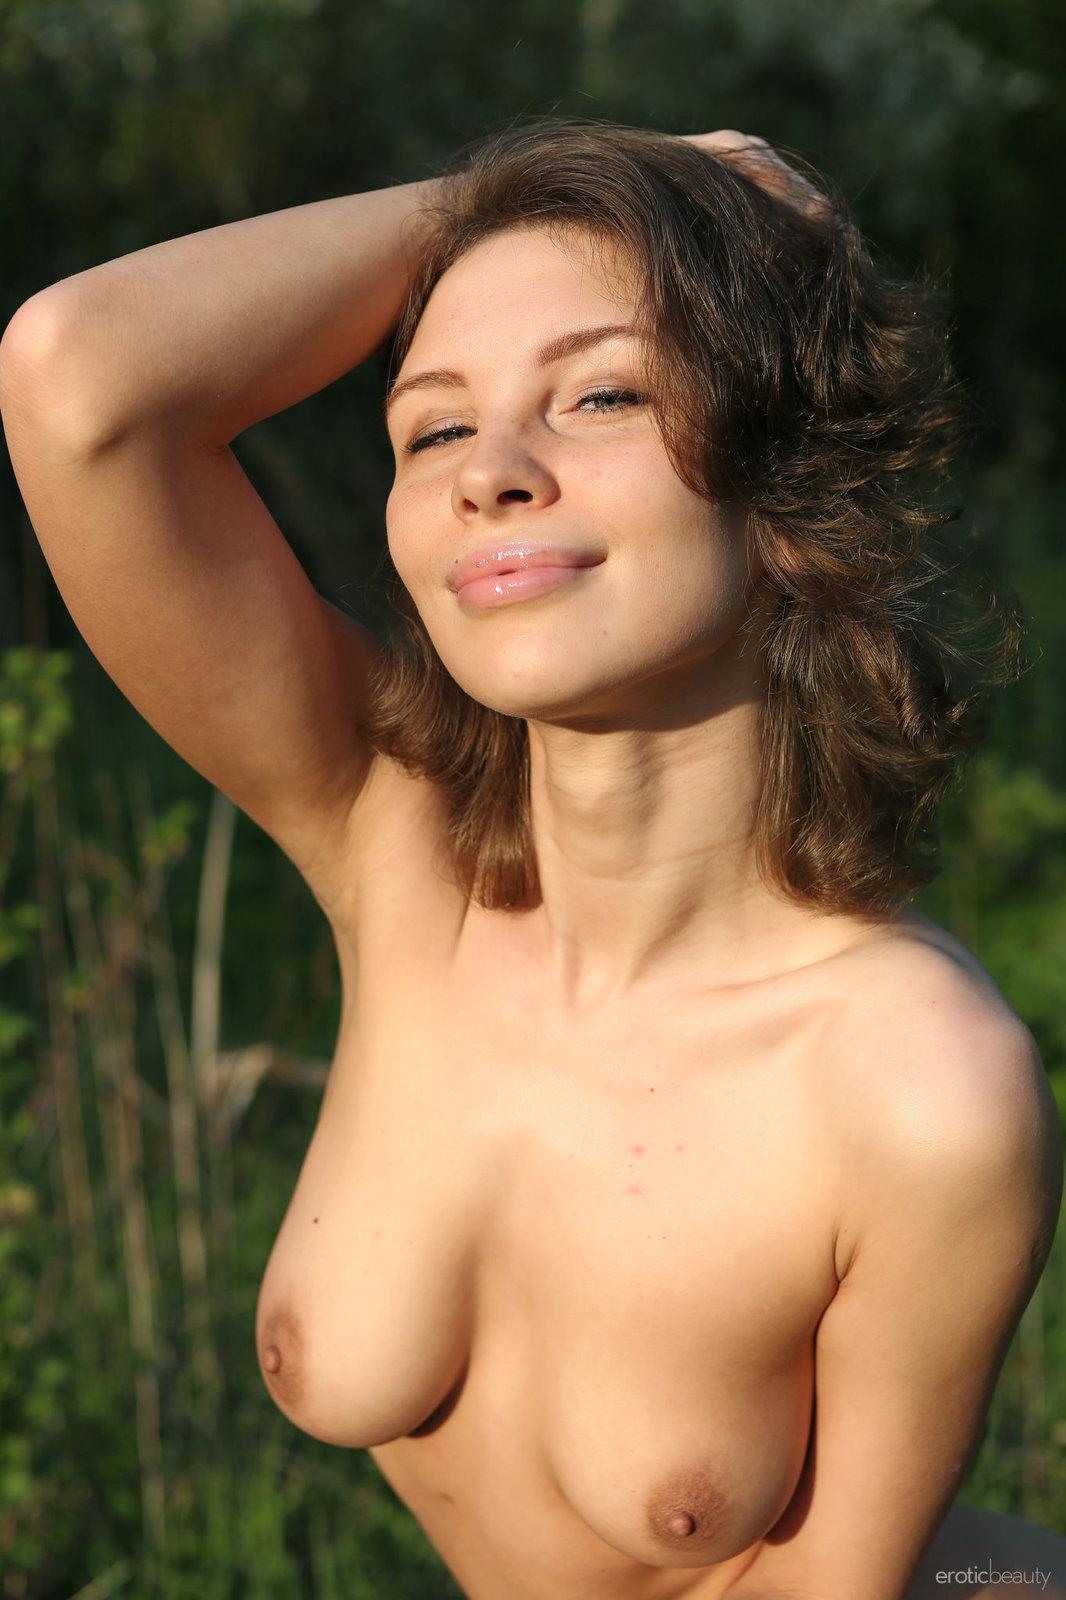 Zdjęcie porno - 111 - Naturalnie cycata nastolatka